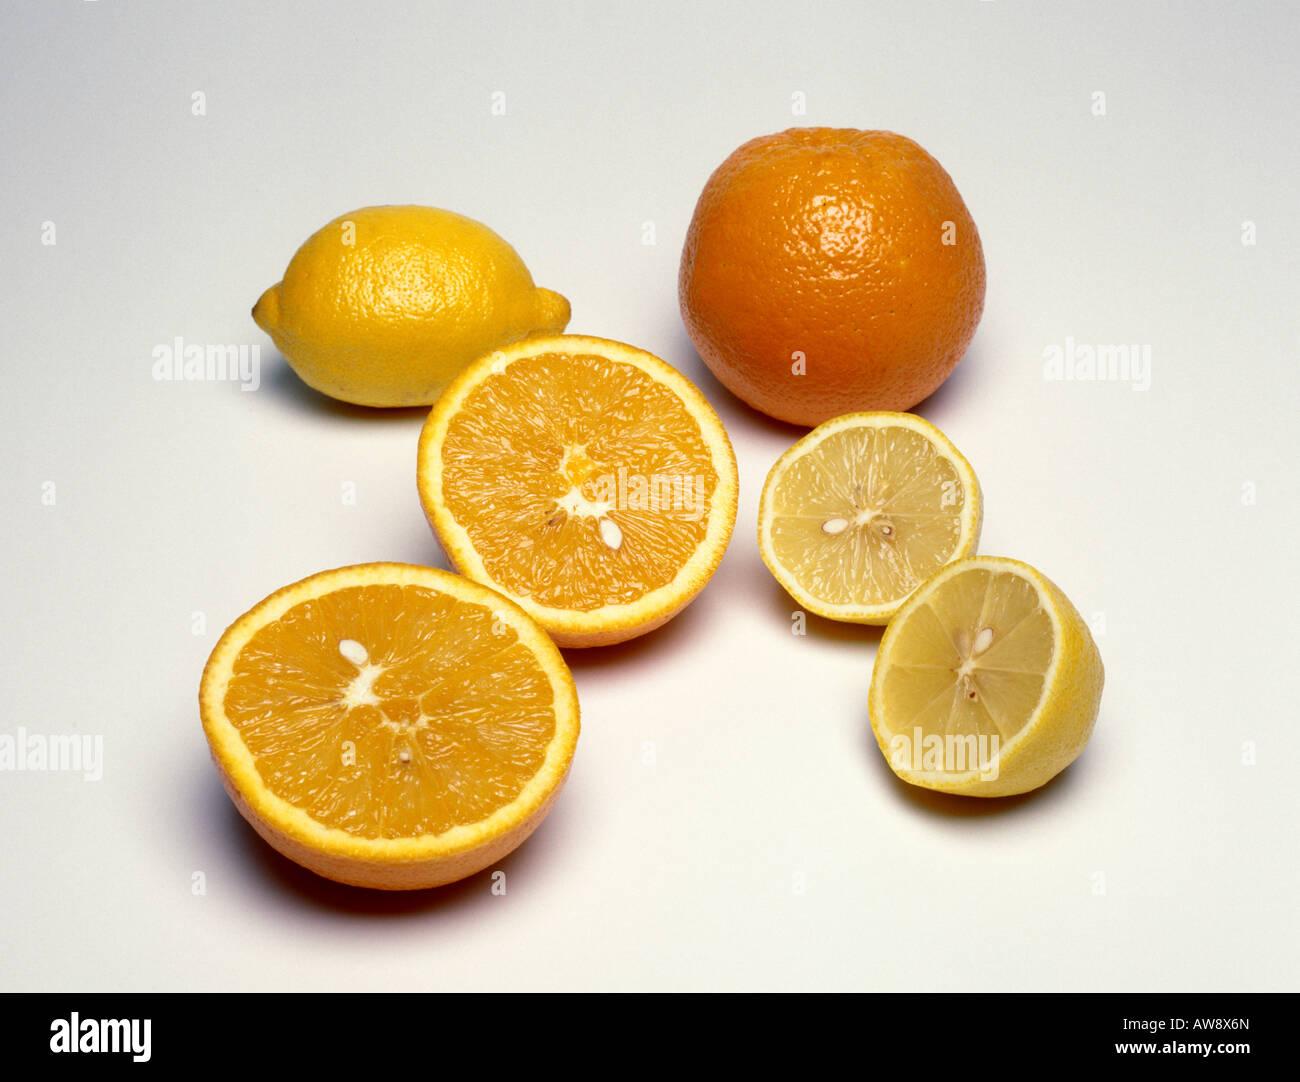 Eine ganze Orange und eine ganze Zitrone neben einer Zitrone halbieren und eine Orange in zwei Hälften geschnitten Stockbild